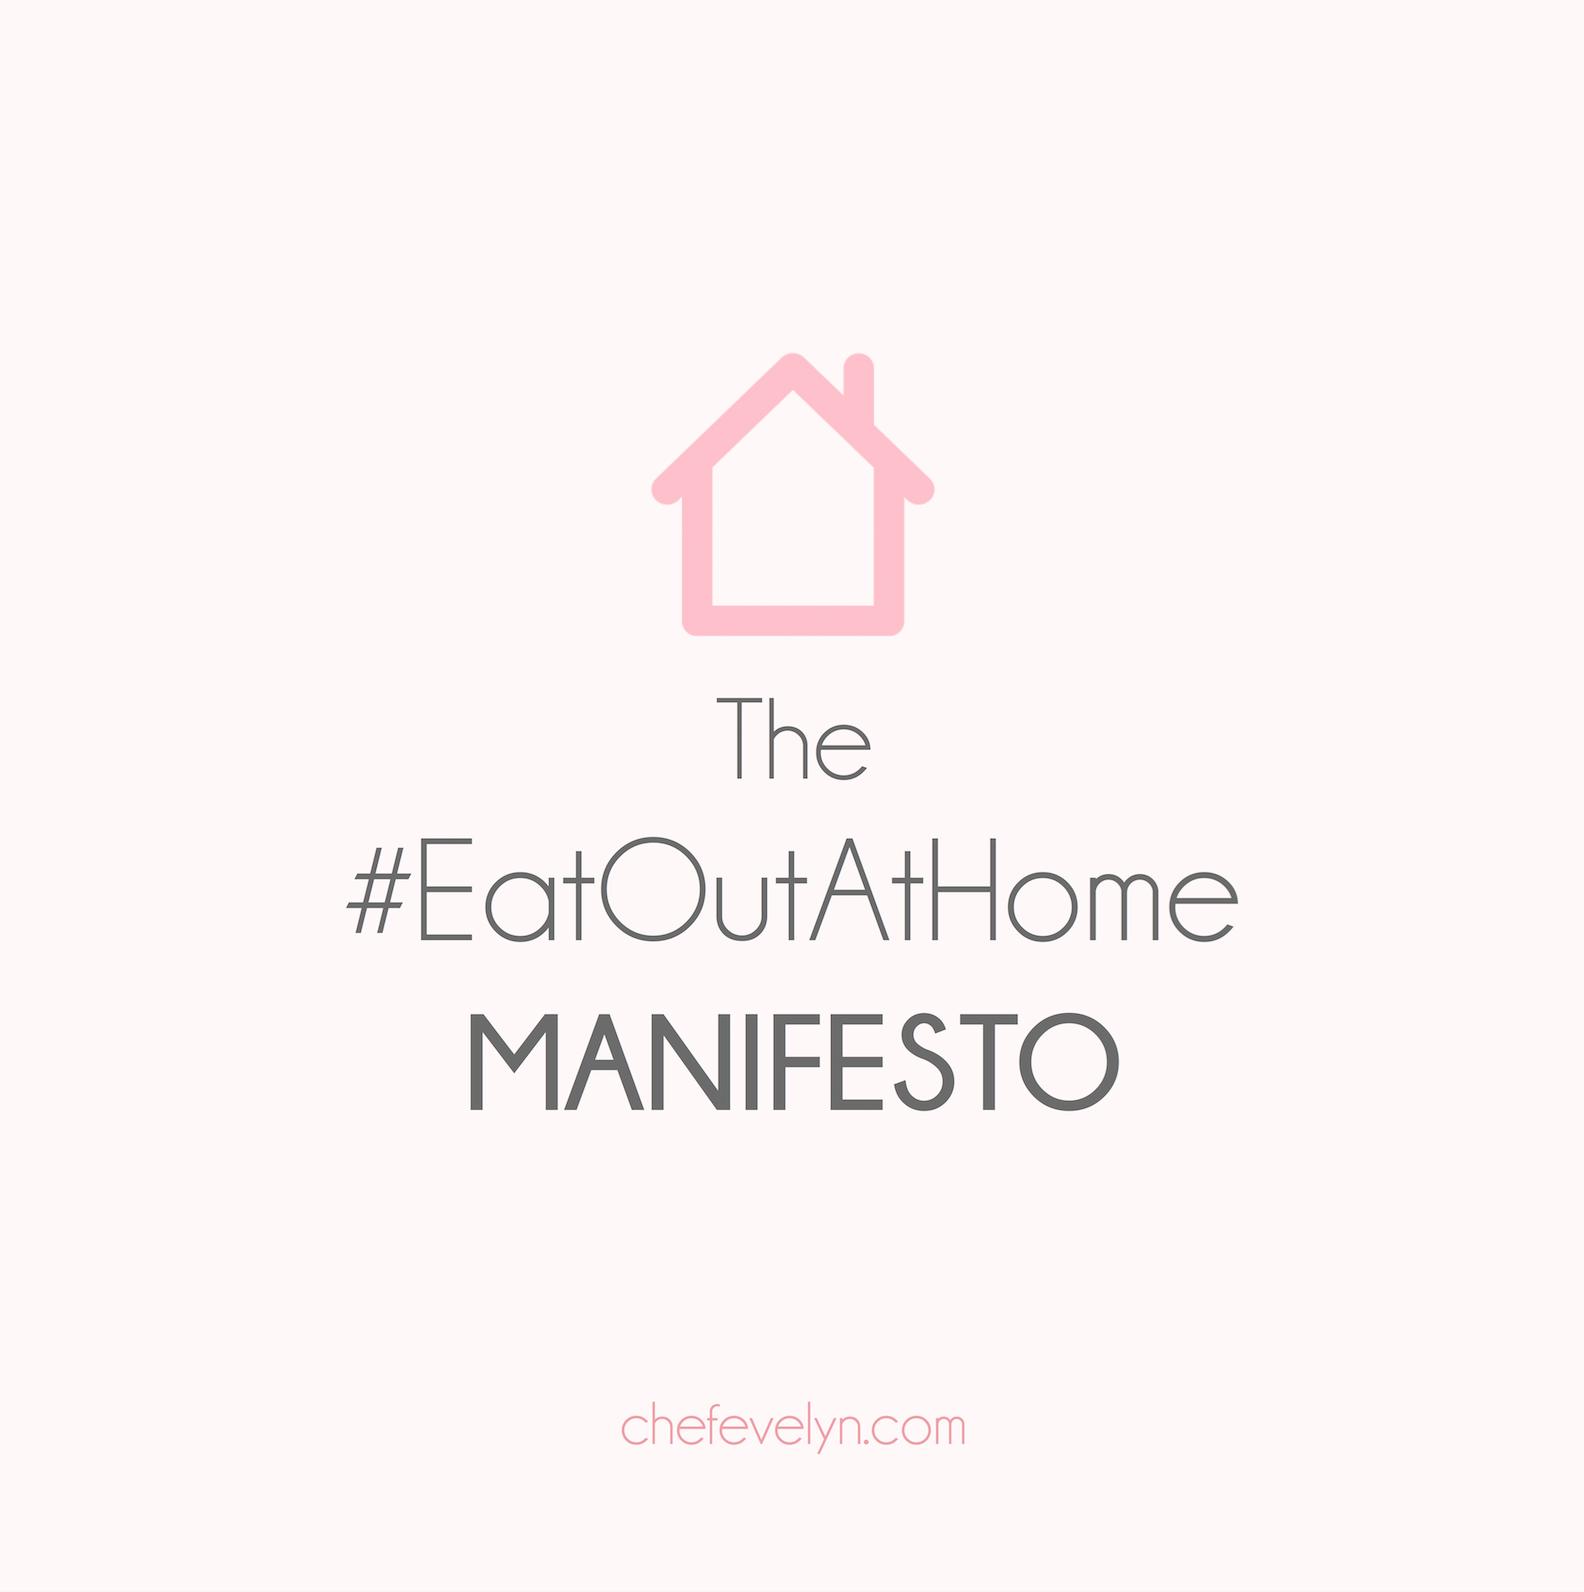 The #EatOutAtHome Manifesto